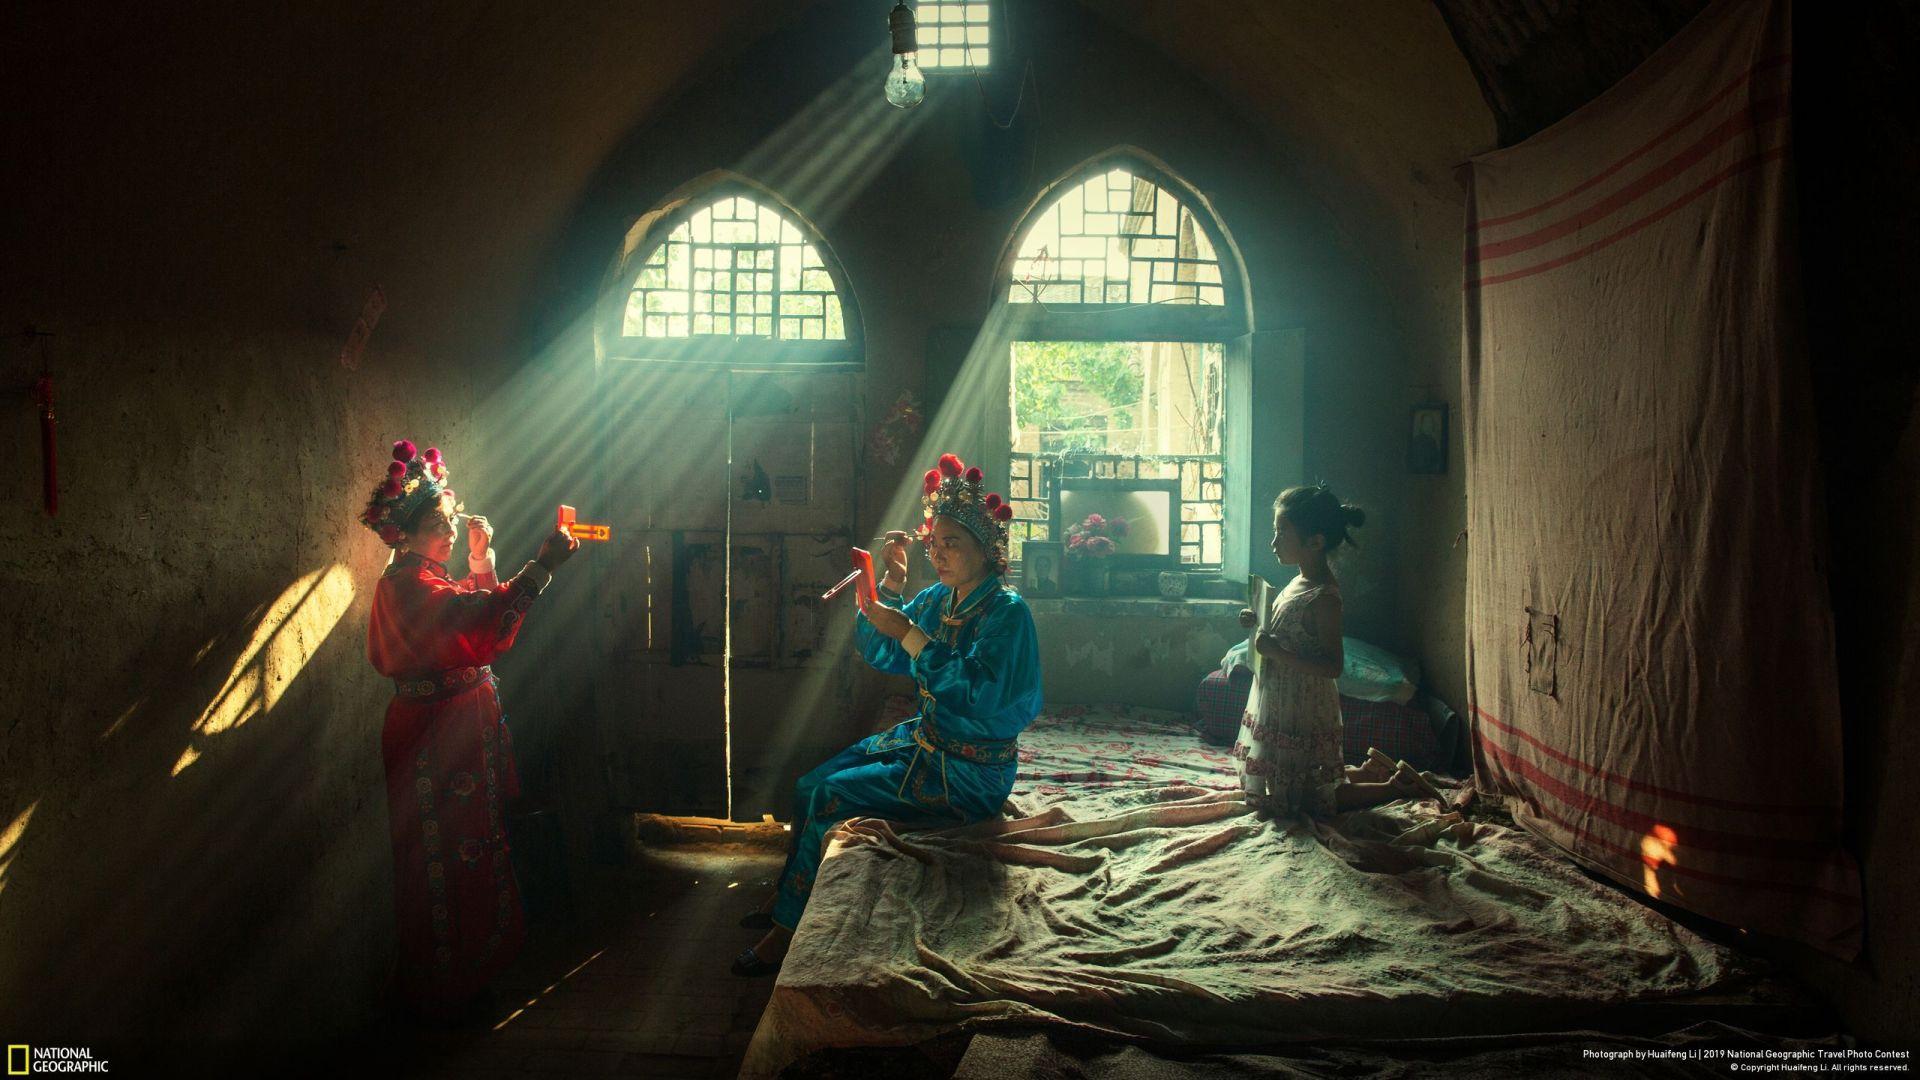 """""""Претстава"""" (Huaifeng Li/Your Shot/National Geographic) - прво место во категорија """"Луѓе"""""""